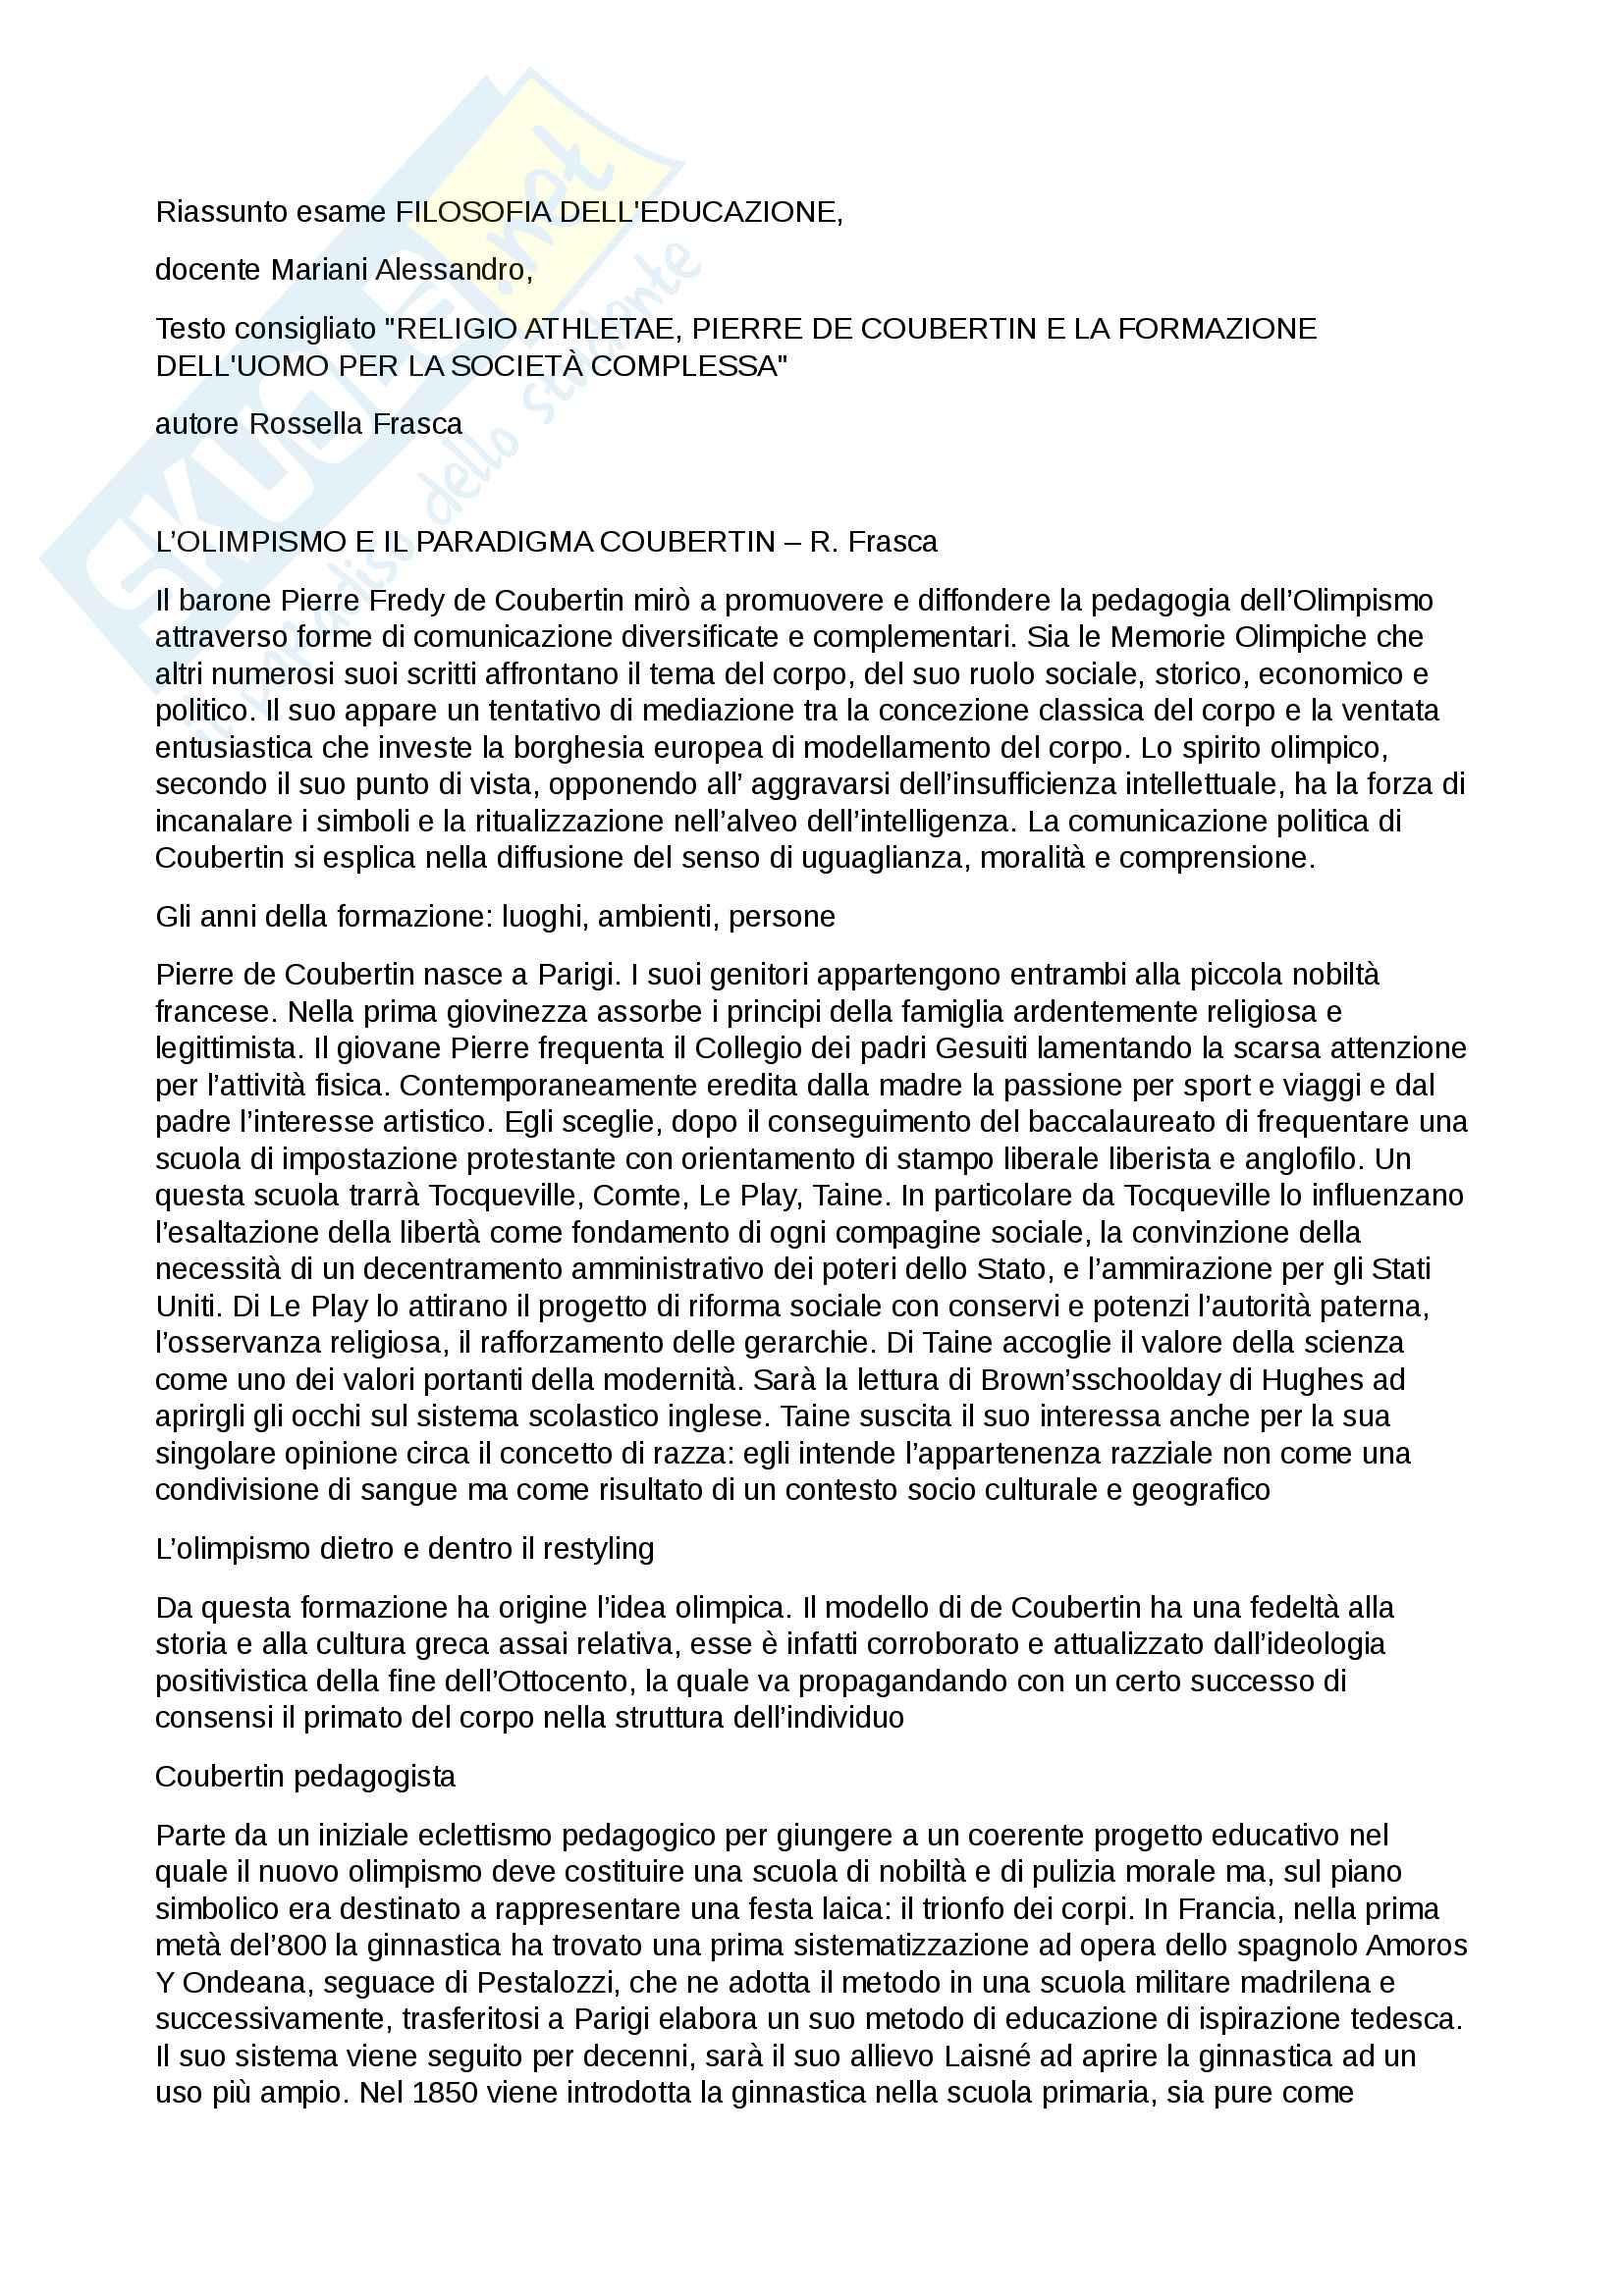 """Riassunto esame Filosofia dell'educazione,  docente Mariani Alessandro, Testo consigliato """"Religio Athletae, Pierre de Coubertin e la formazione dell'uomo per la società complessa"""", autore Rossella Frasca"""